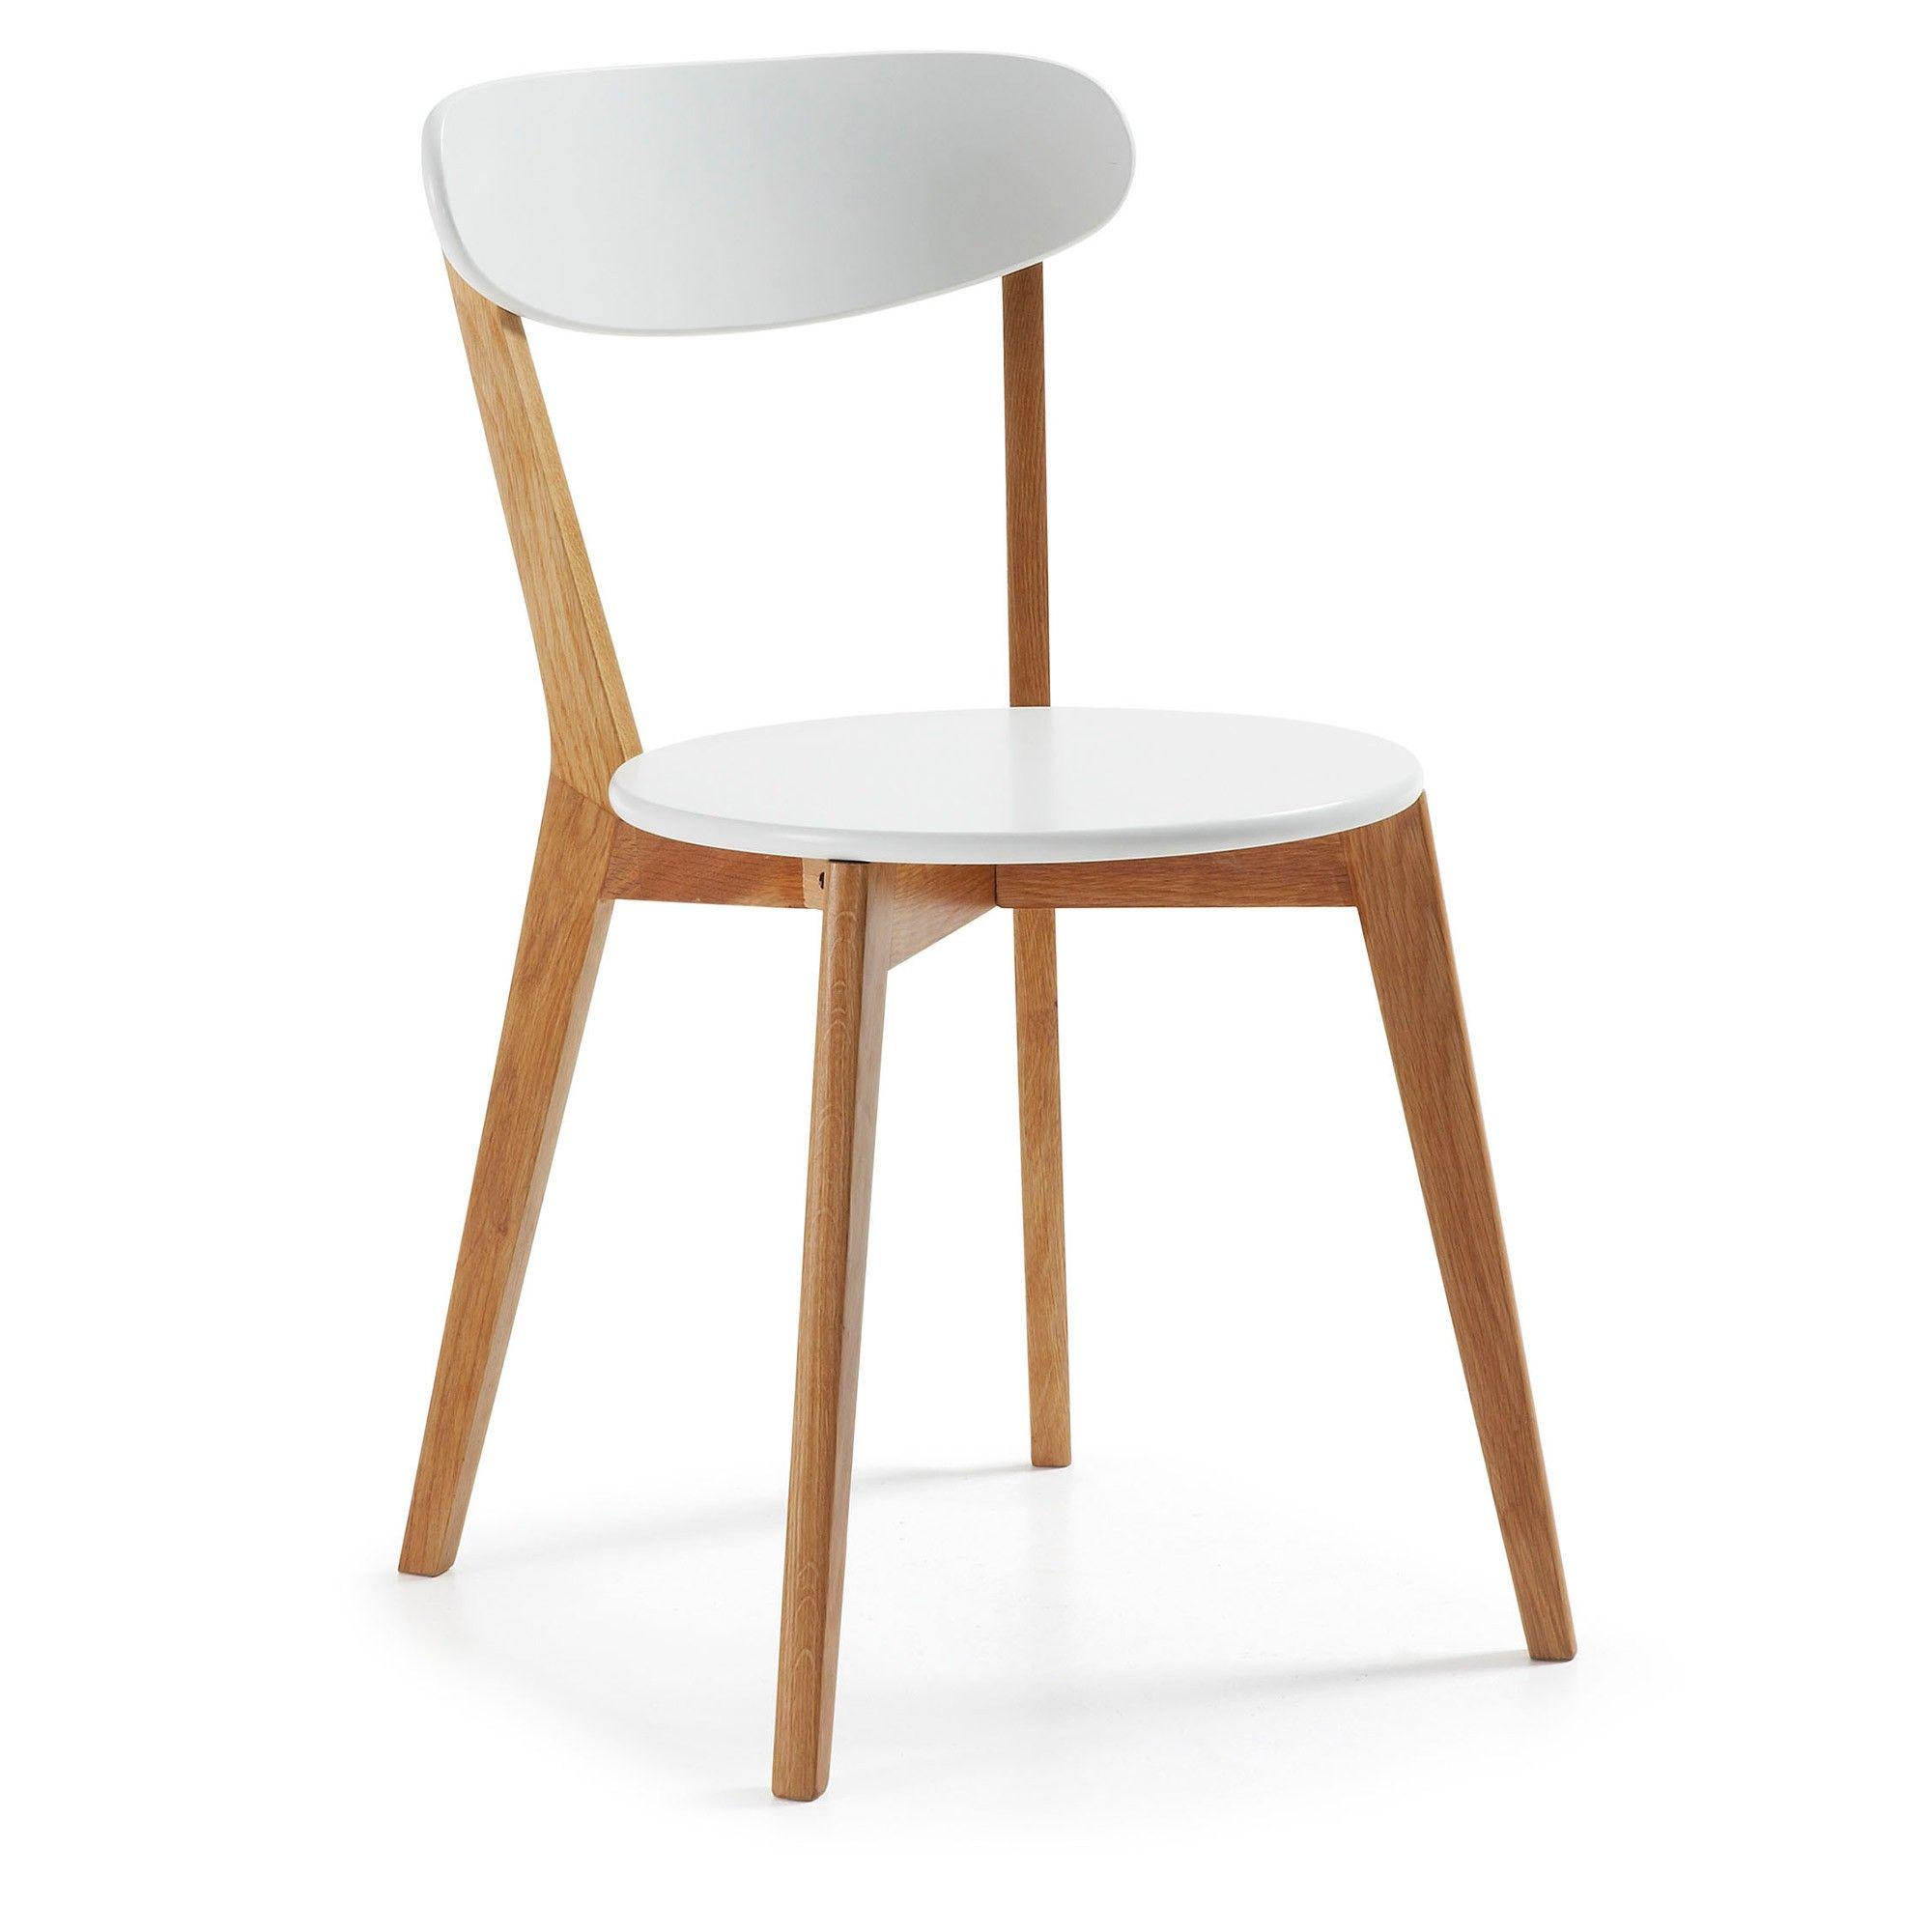 Silla Areia natural y blanco | Ideas para el hogar | Sillas ...